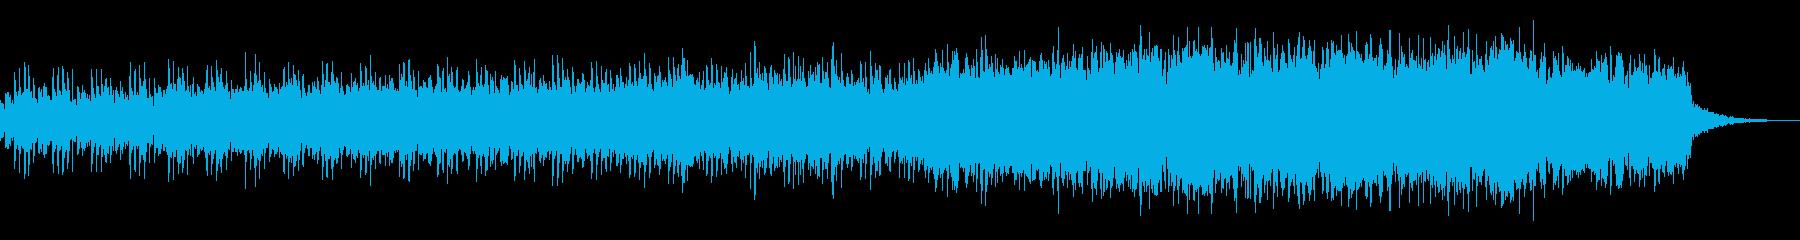 神秘を感じる宇宙的なBGMの再生済みの波形